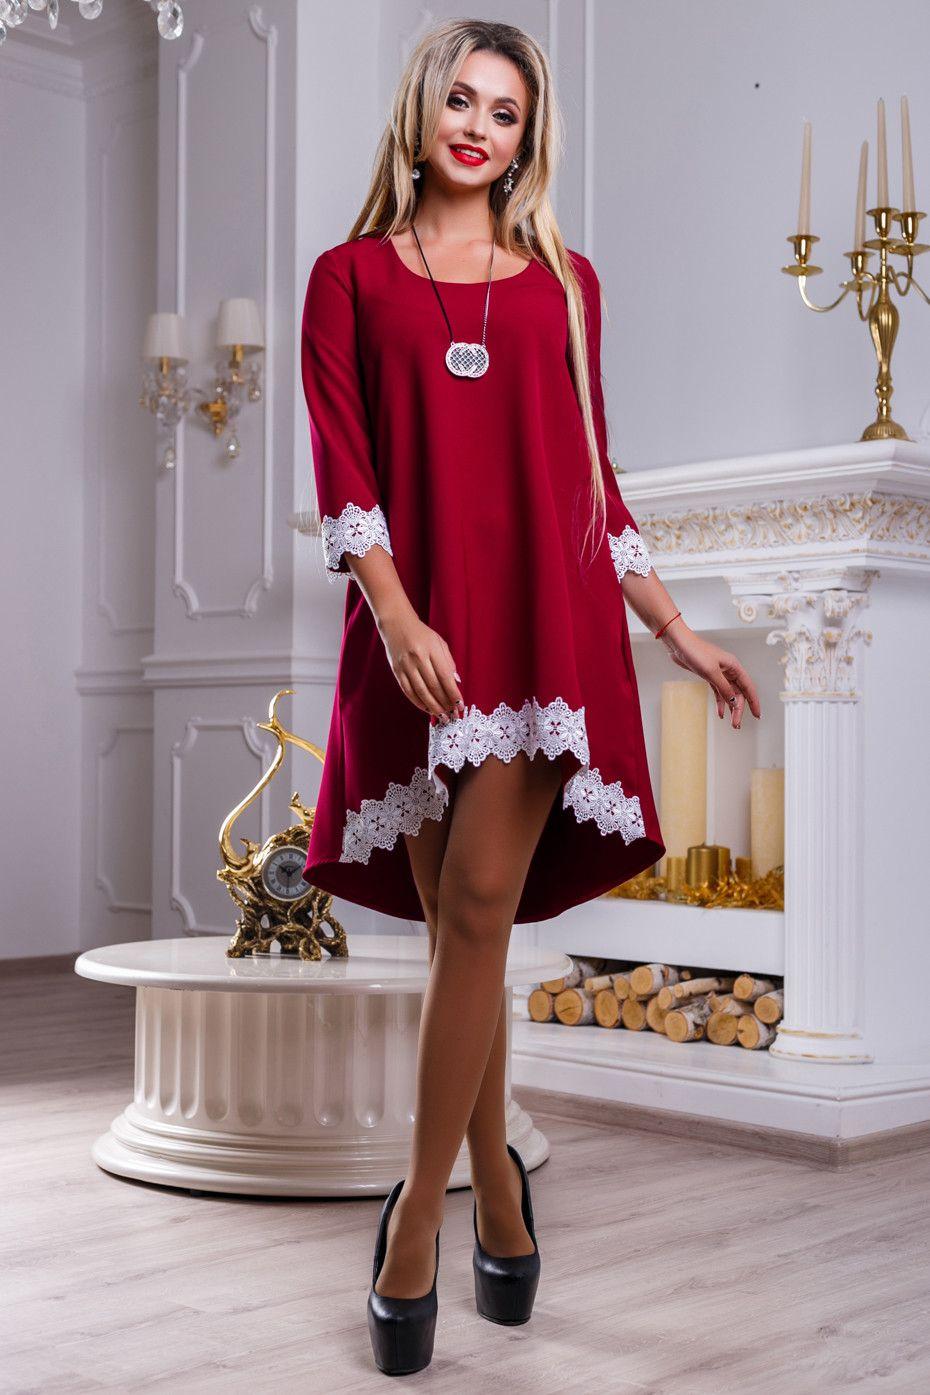 b4a9f4bc801 красное платье свободного кроя с ассиметричным низом. Костюмные и  плательные ткани от Идея 2018